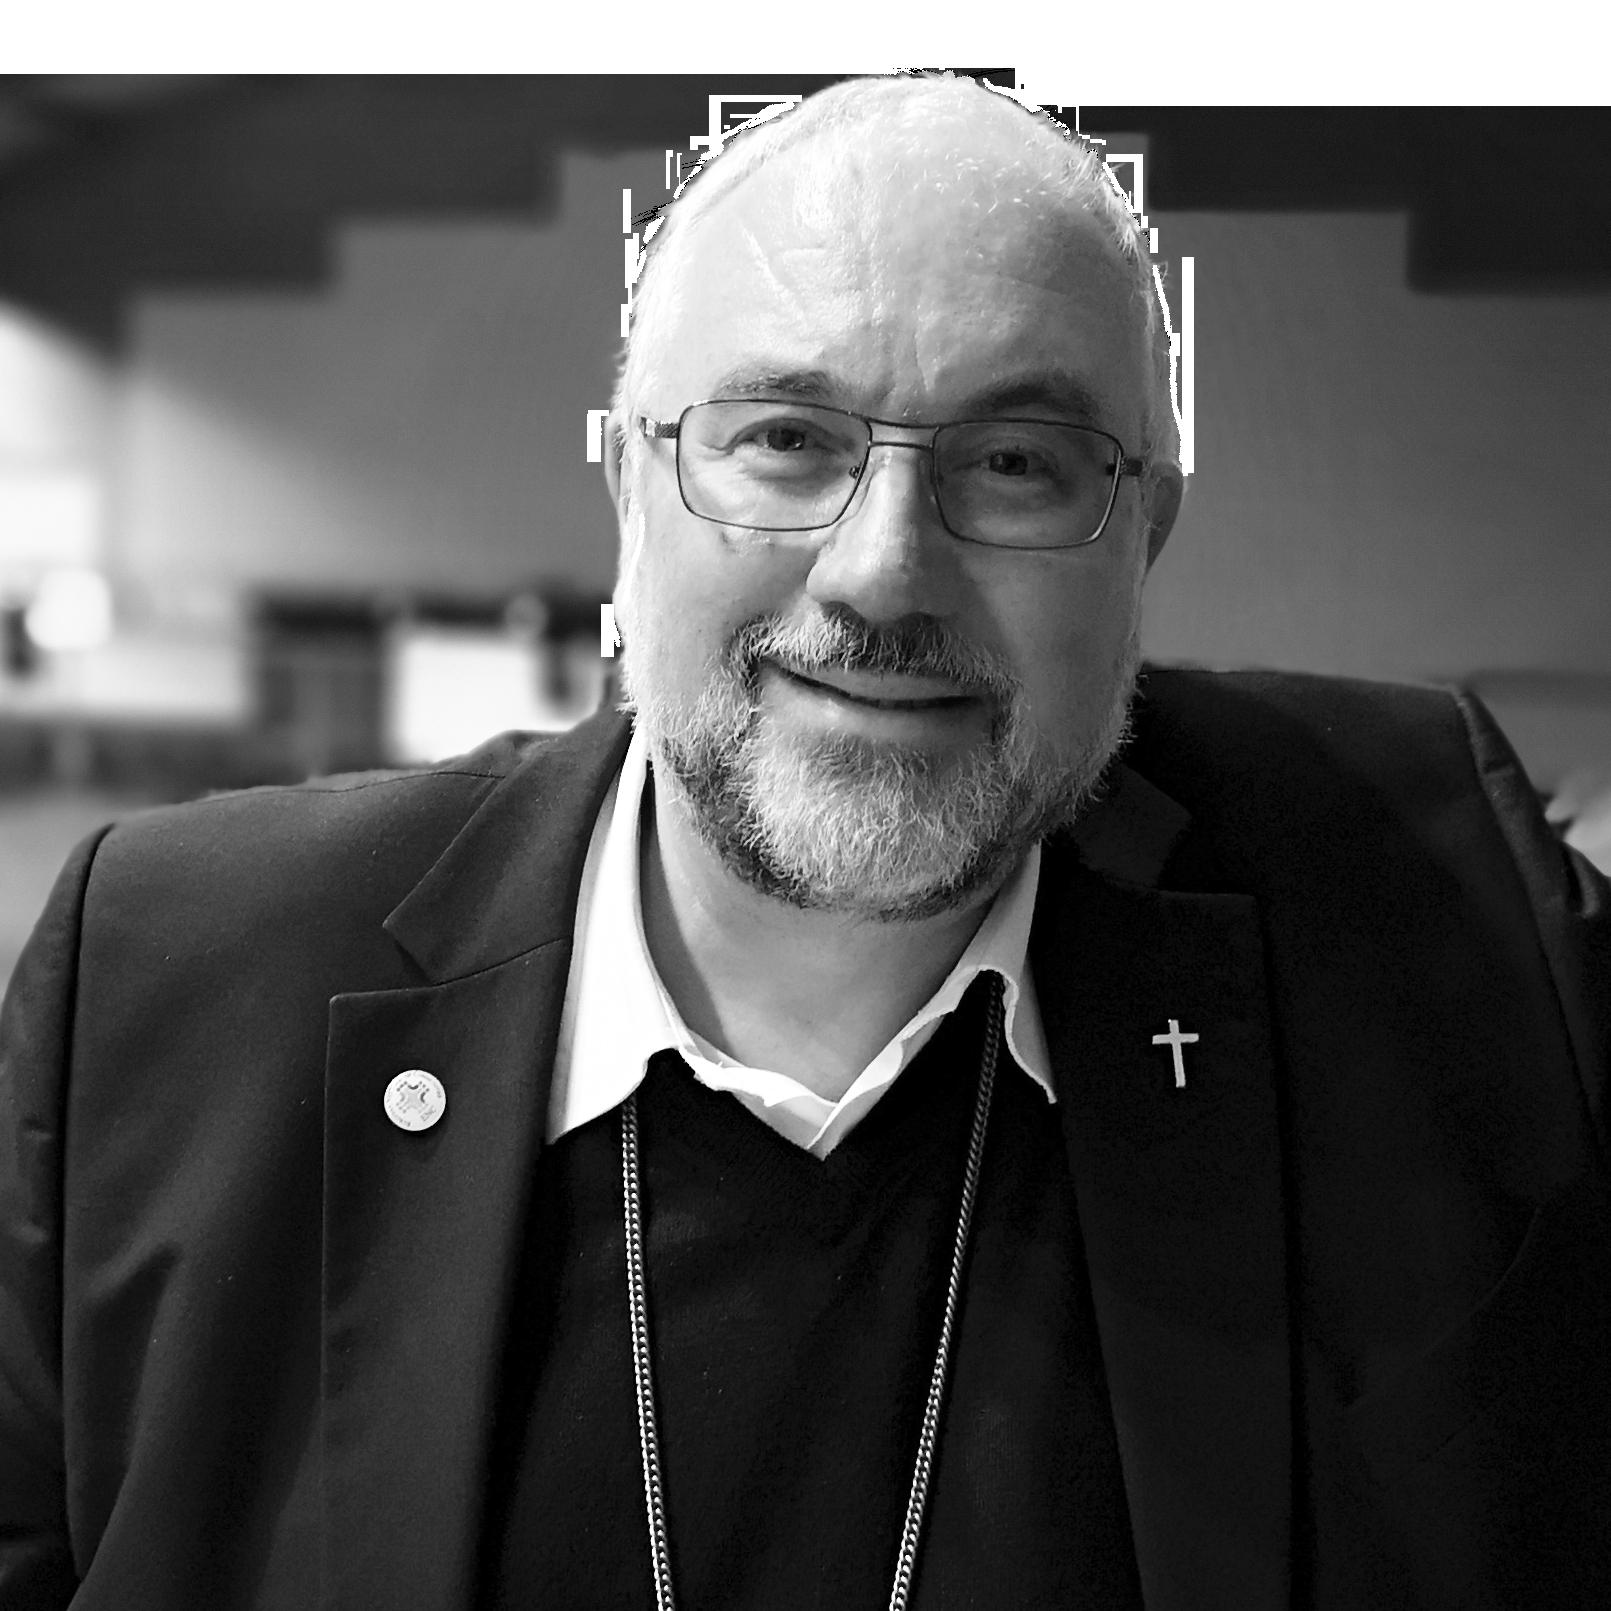 Johannes Fichtenbauer